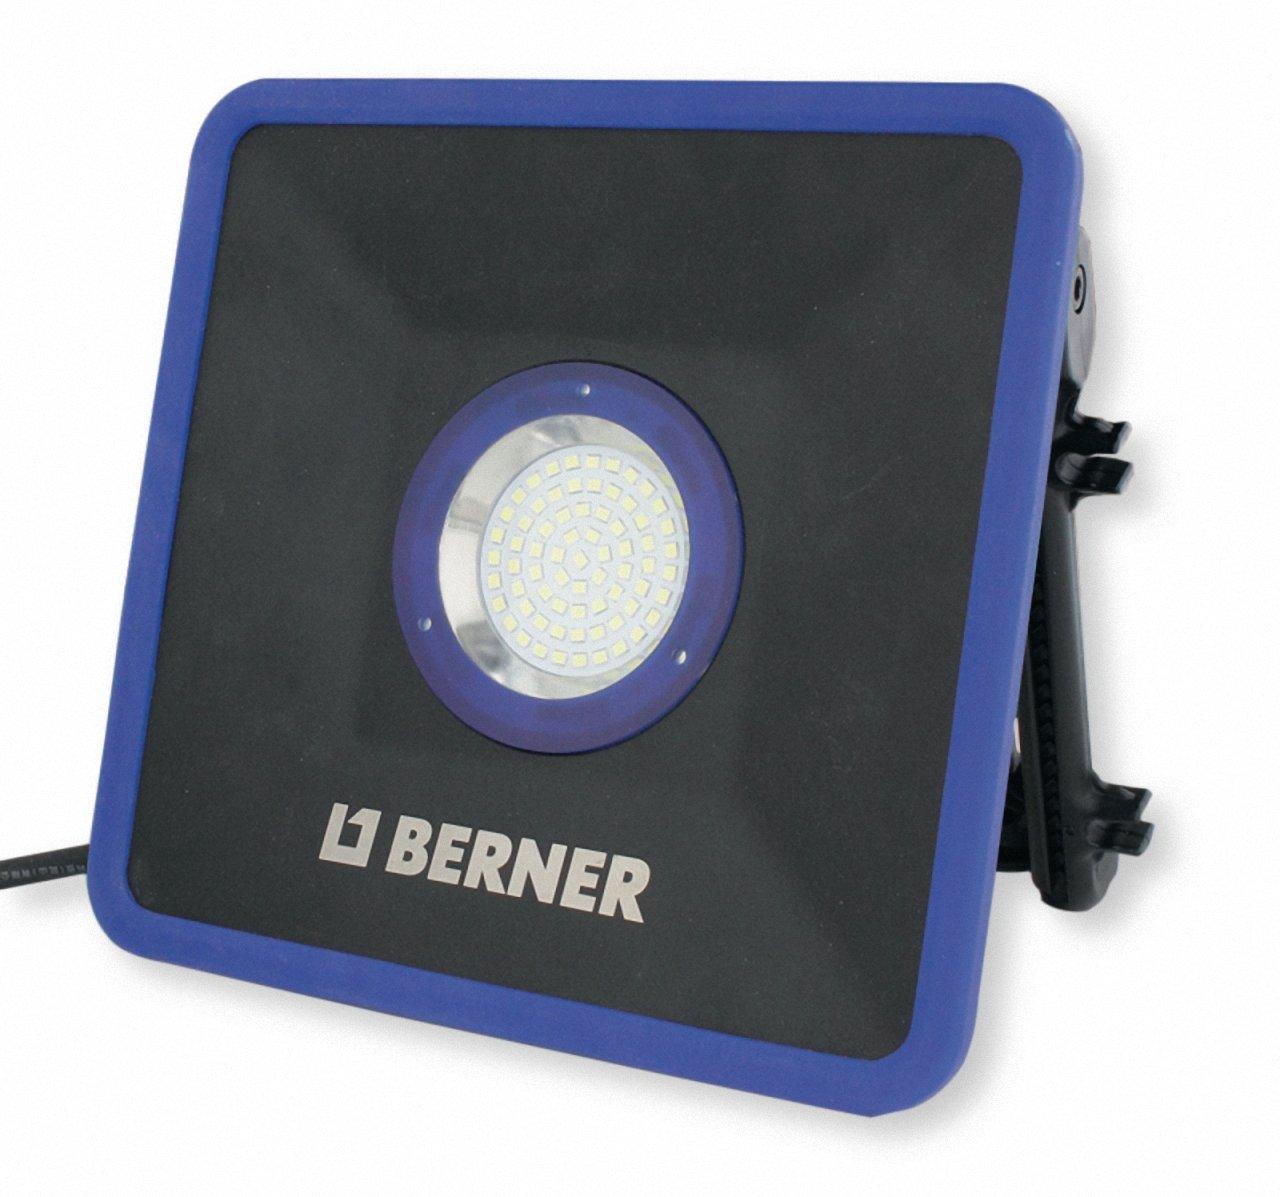 BERNER LED BAUSTRAHLER STRAHLER BLACK SLIM PLUS 230V 32 WATT